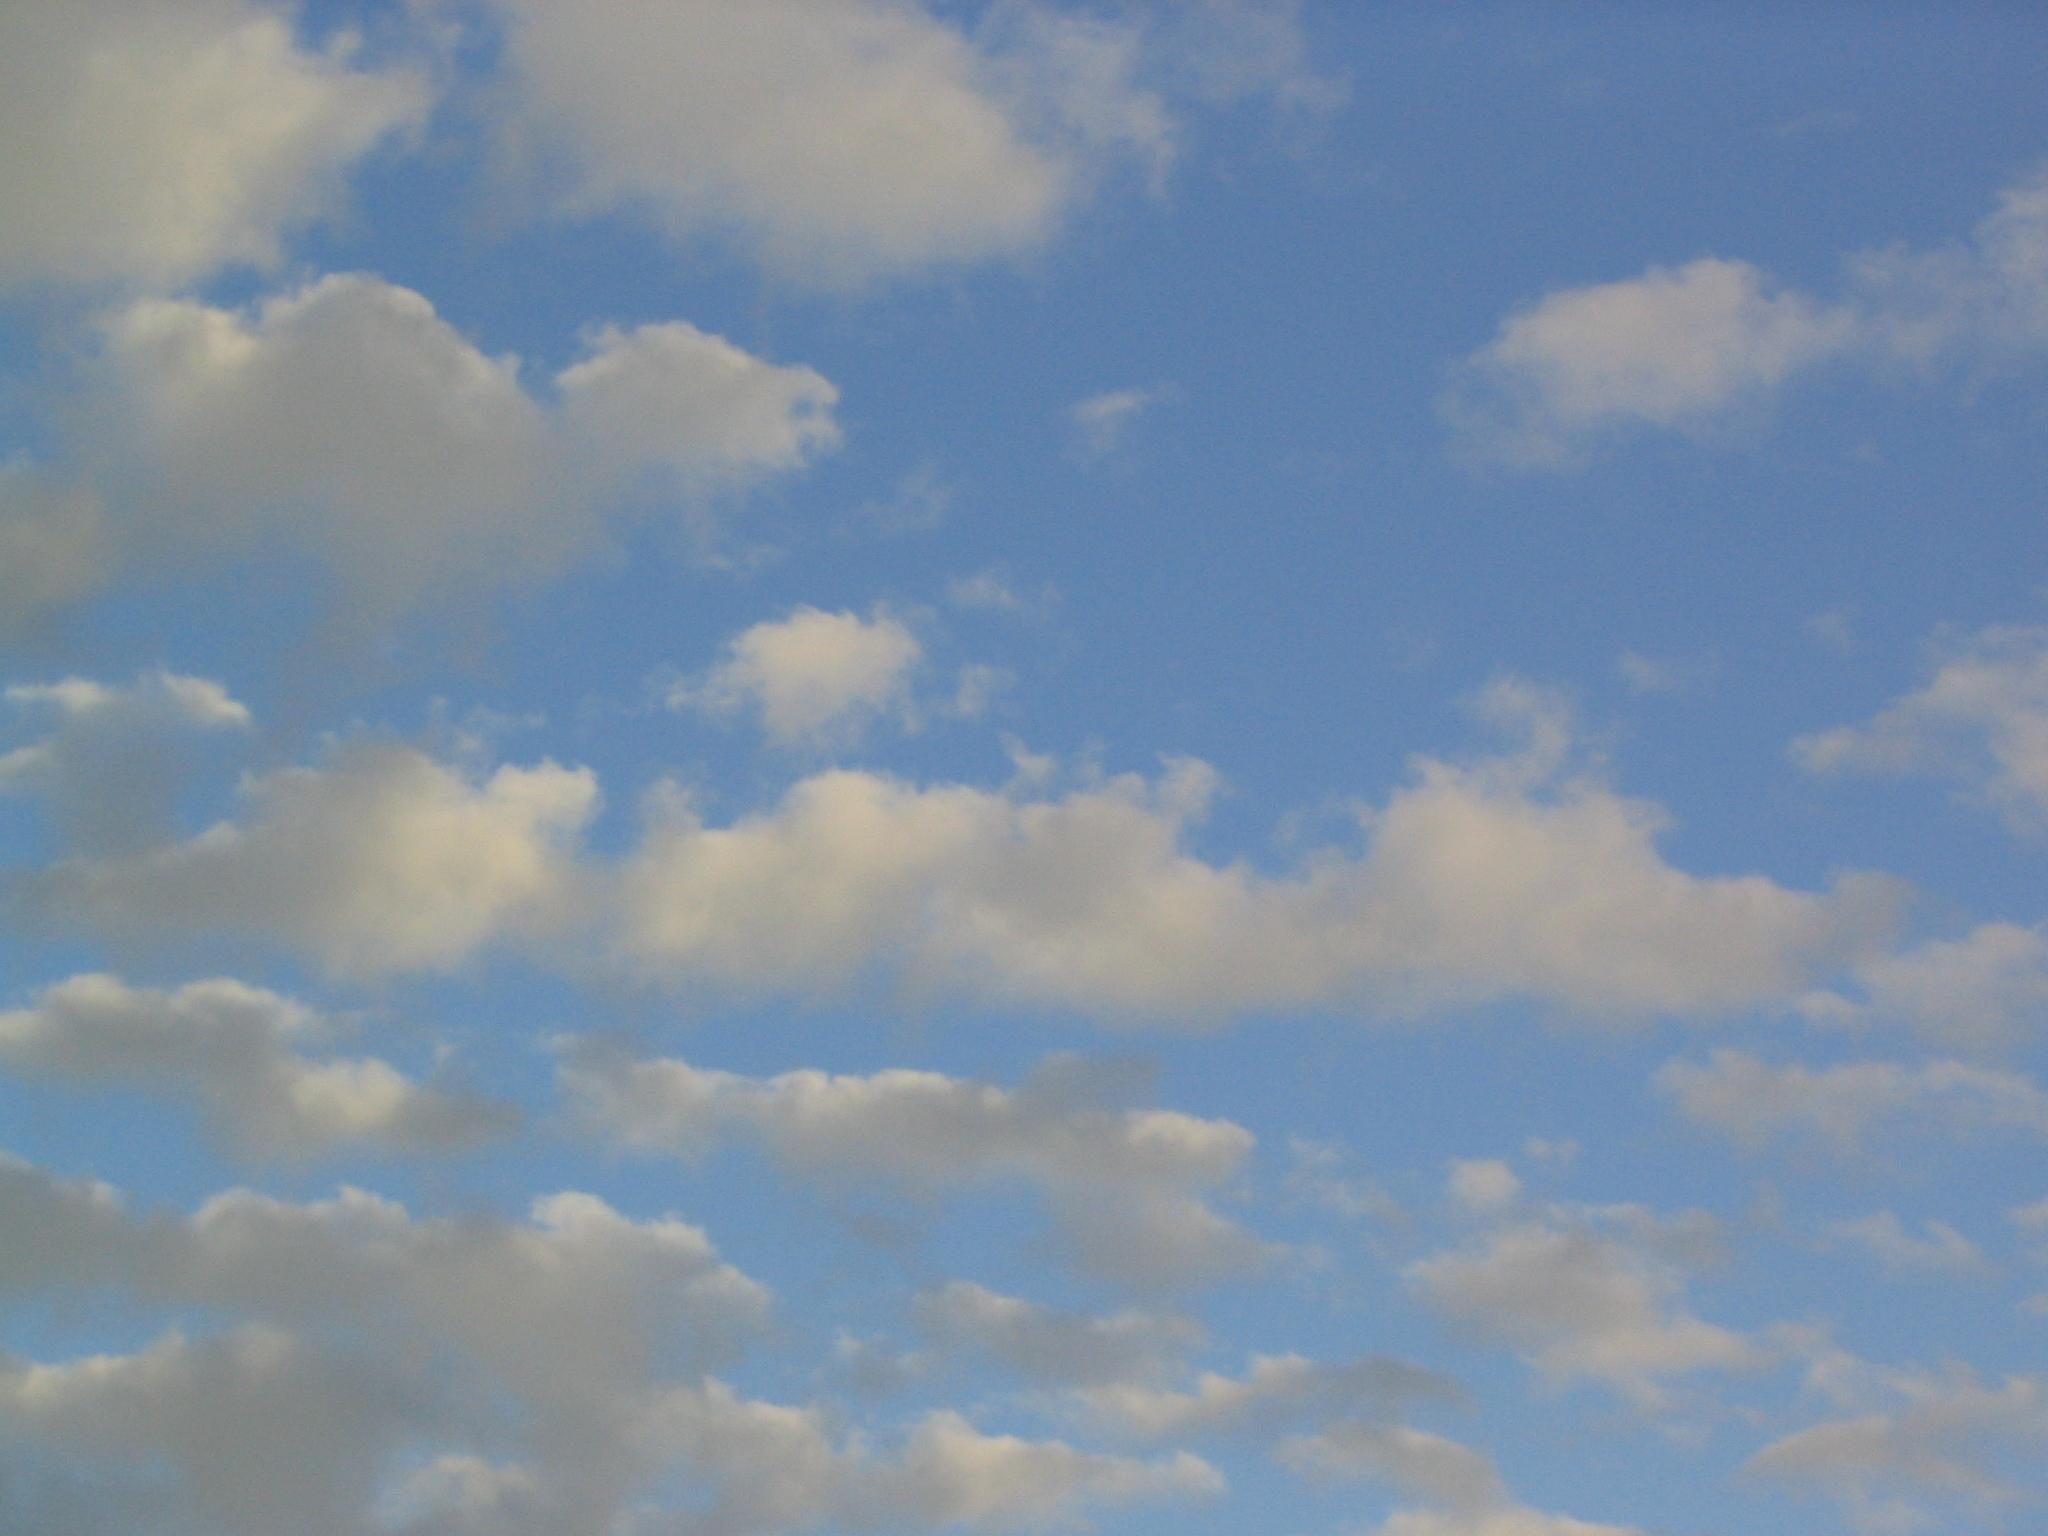 clouds1298